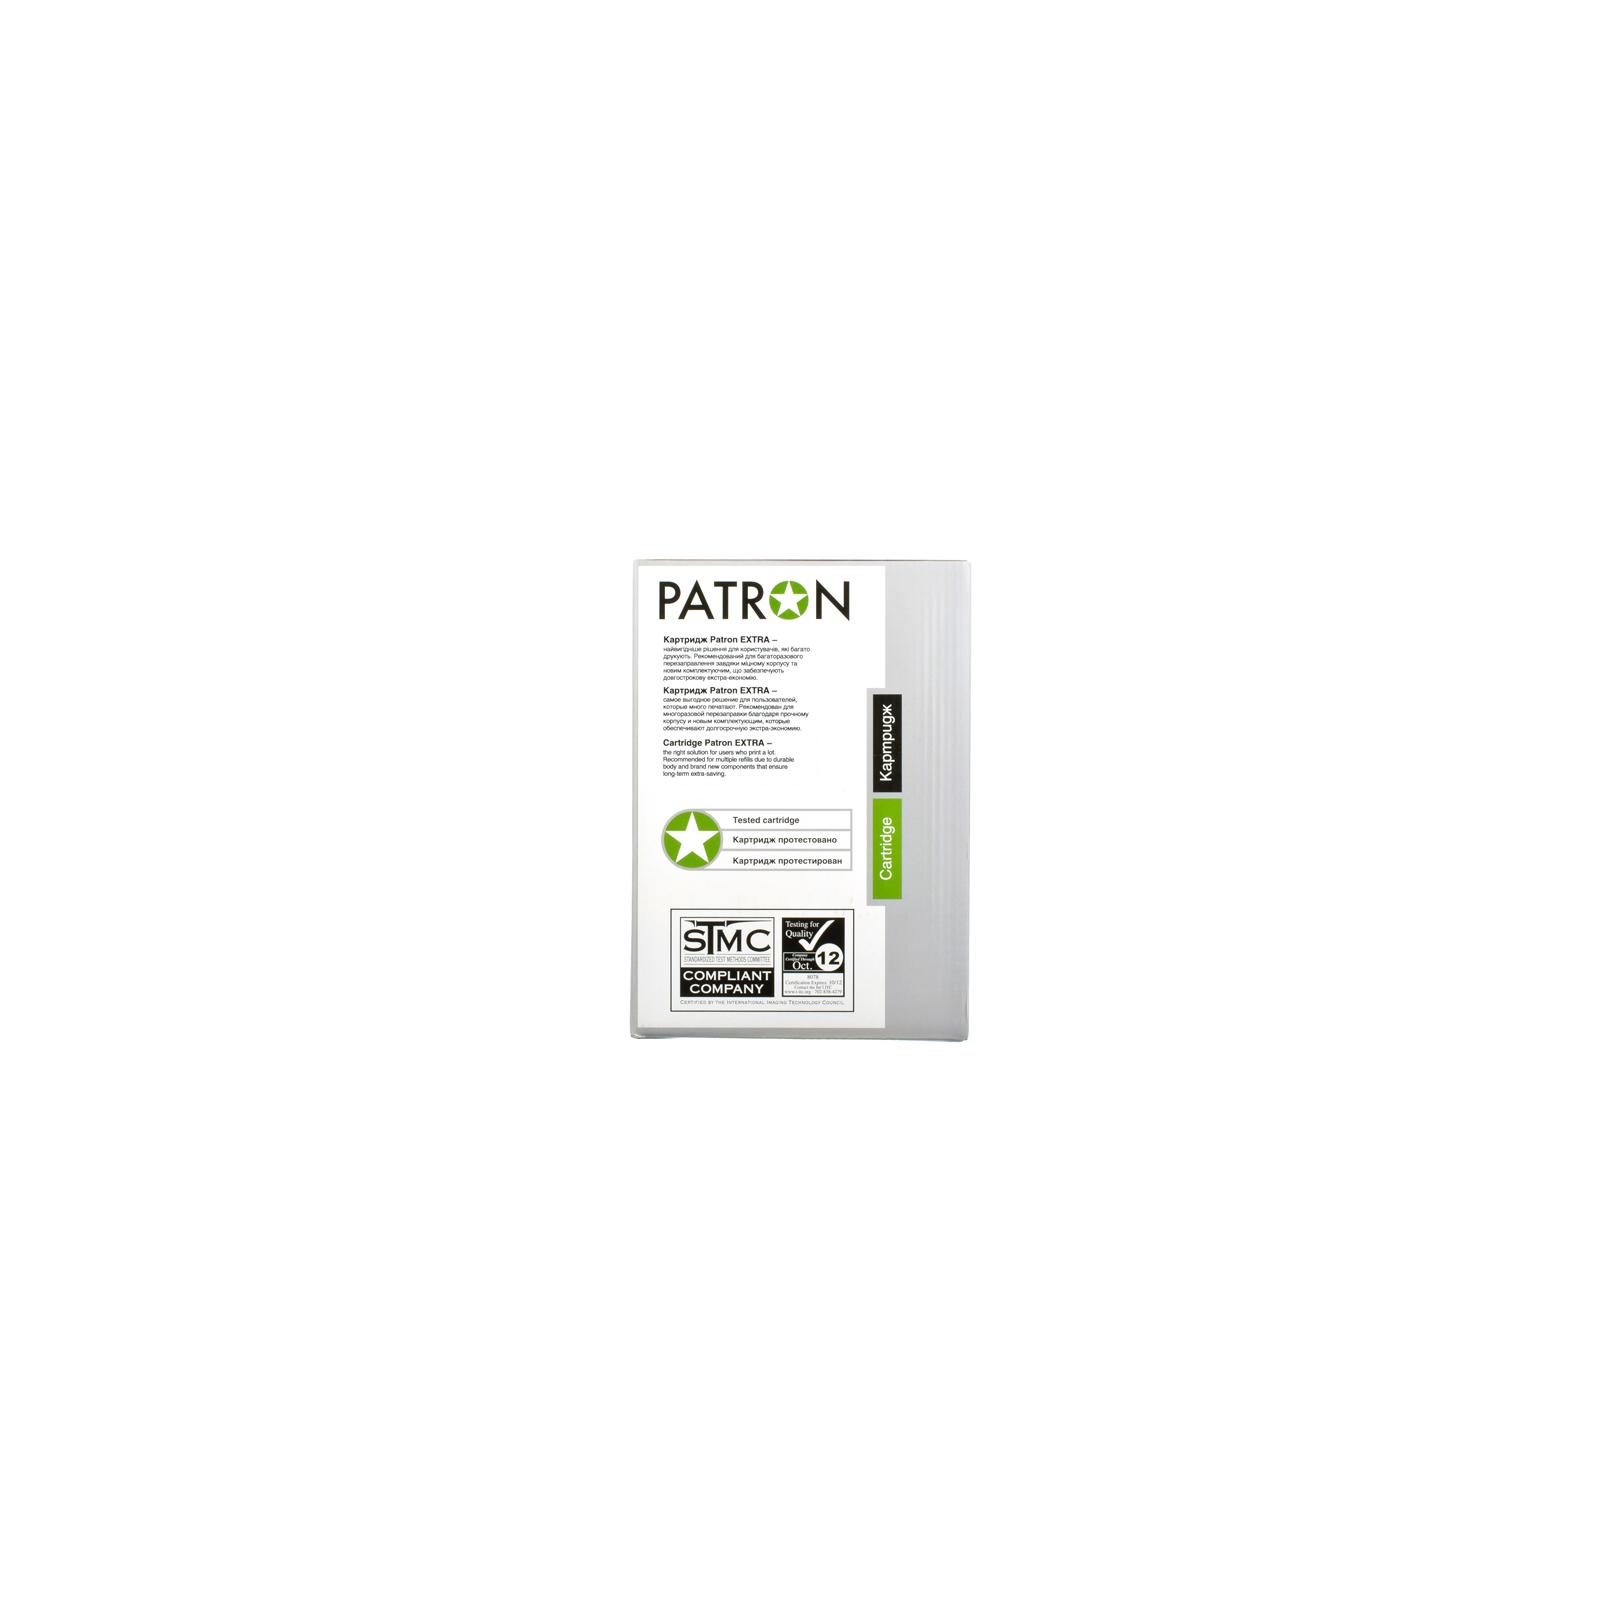 Картридж PATRON HP CLJ 5500/ 5550 BLACK /PN-645AKR (CT-HP-C9730A-B-PN-R) изображение 6